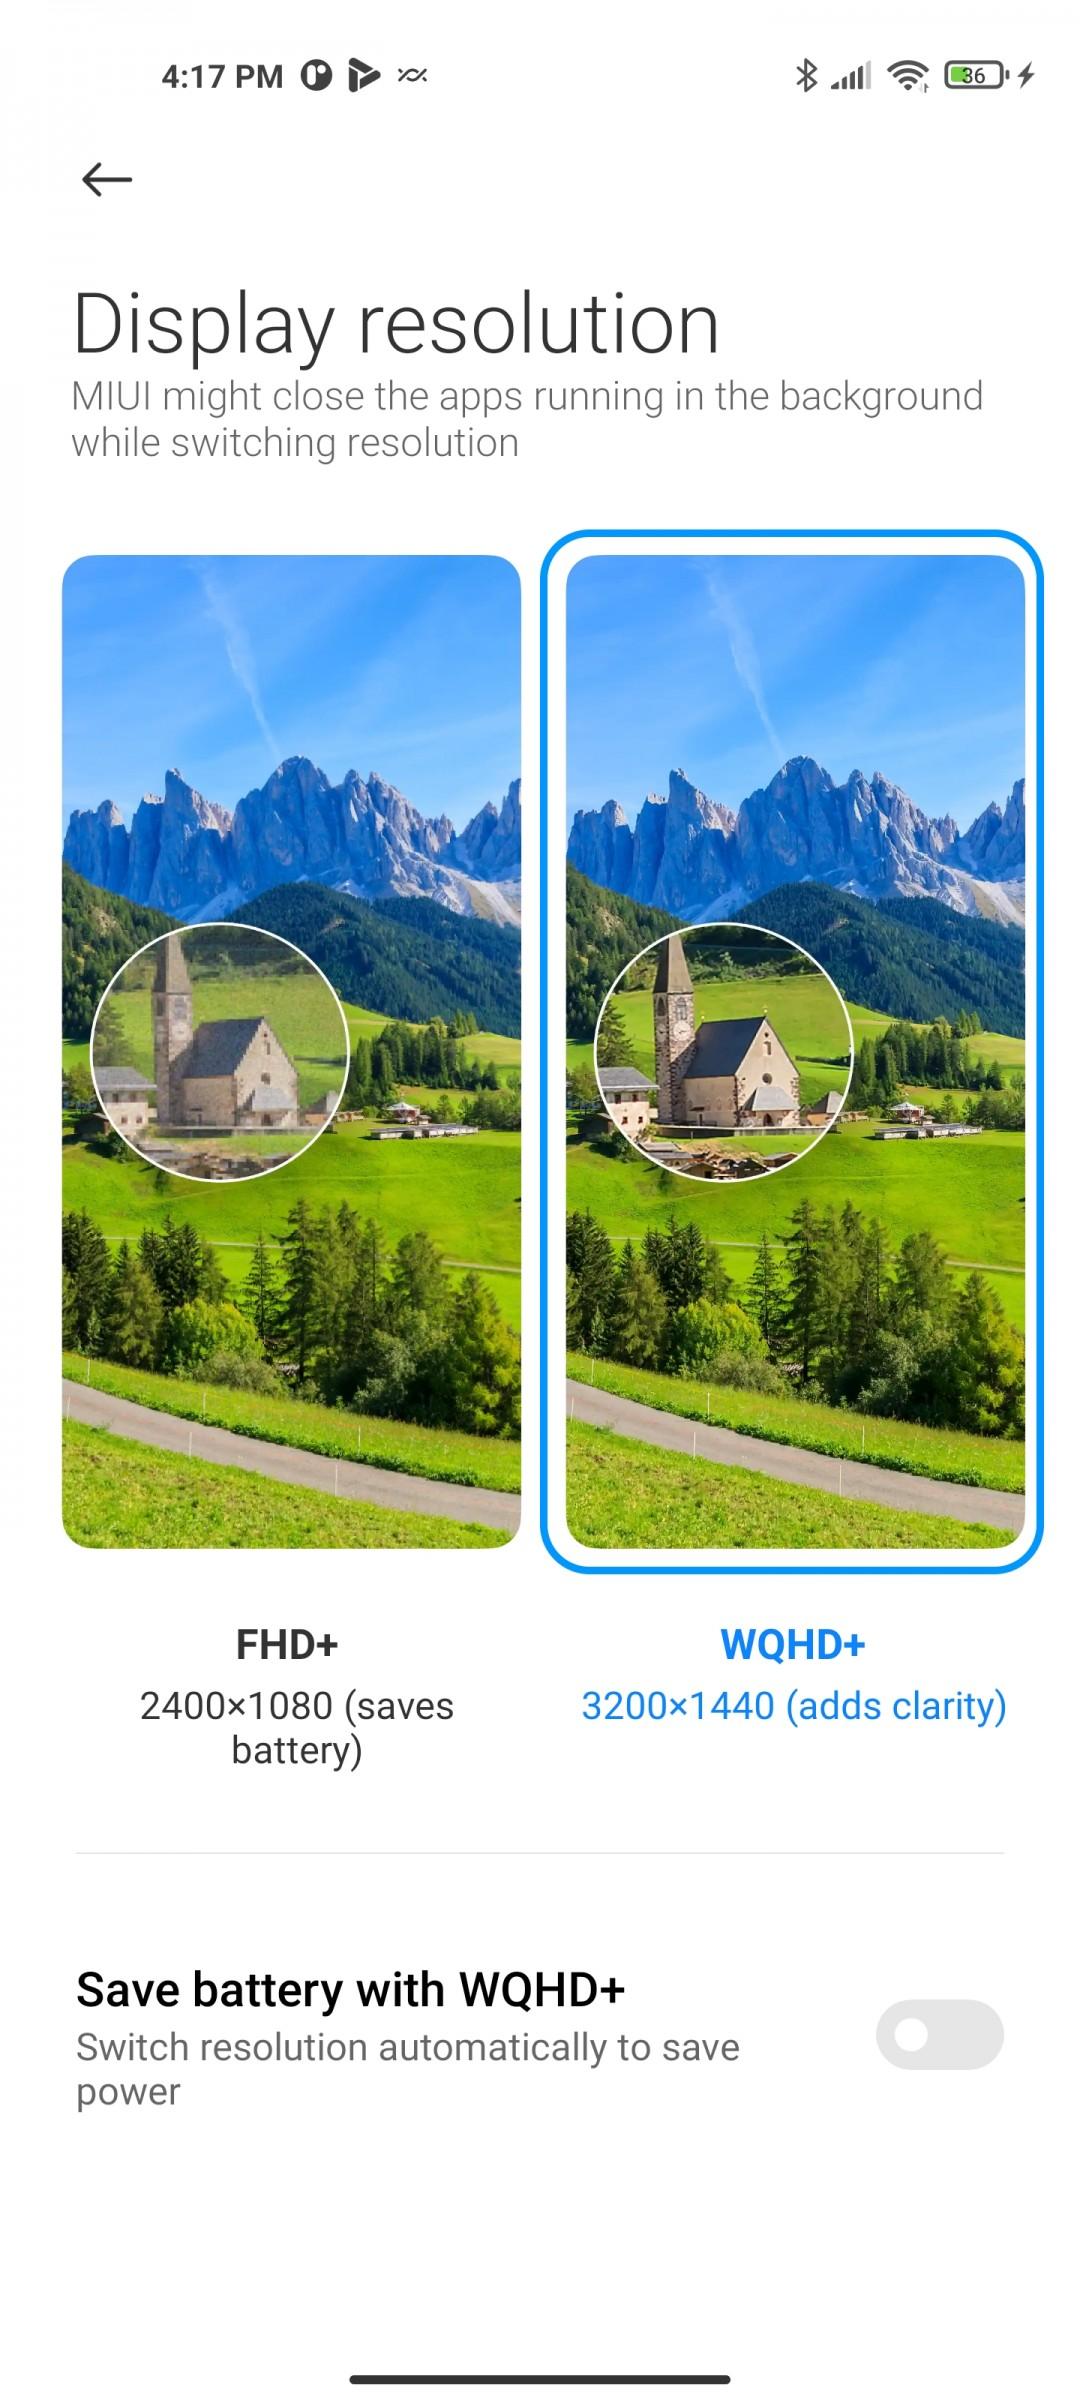 بررسی کامل و تخصصی گوشی می 11 اولترا شیائومی 113